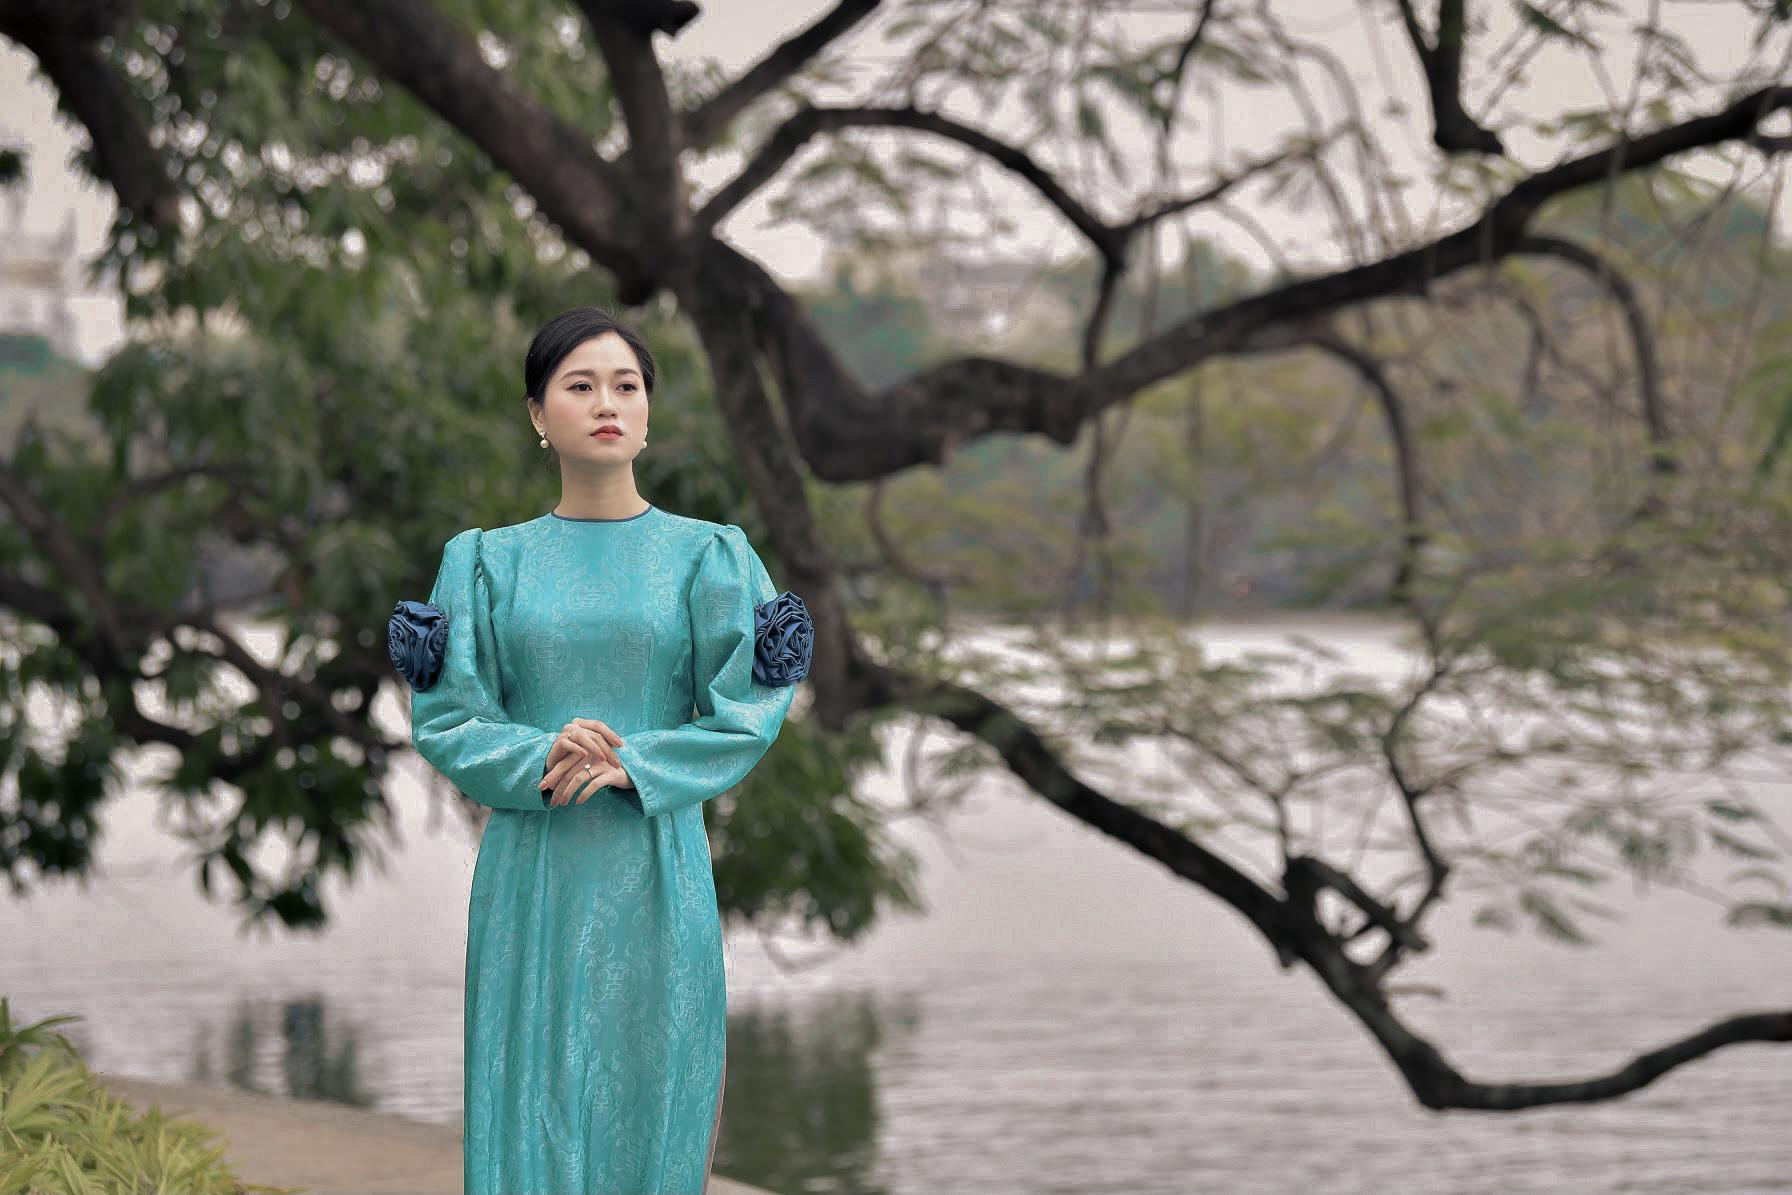 """Lâm Vỹ Dạ """"lột xác"""" xinh đẹp mong manh như nàng thơ nhờ mặc áo dài - Ảnh 5."""